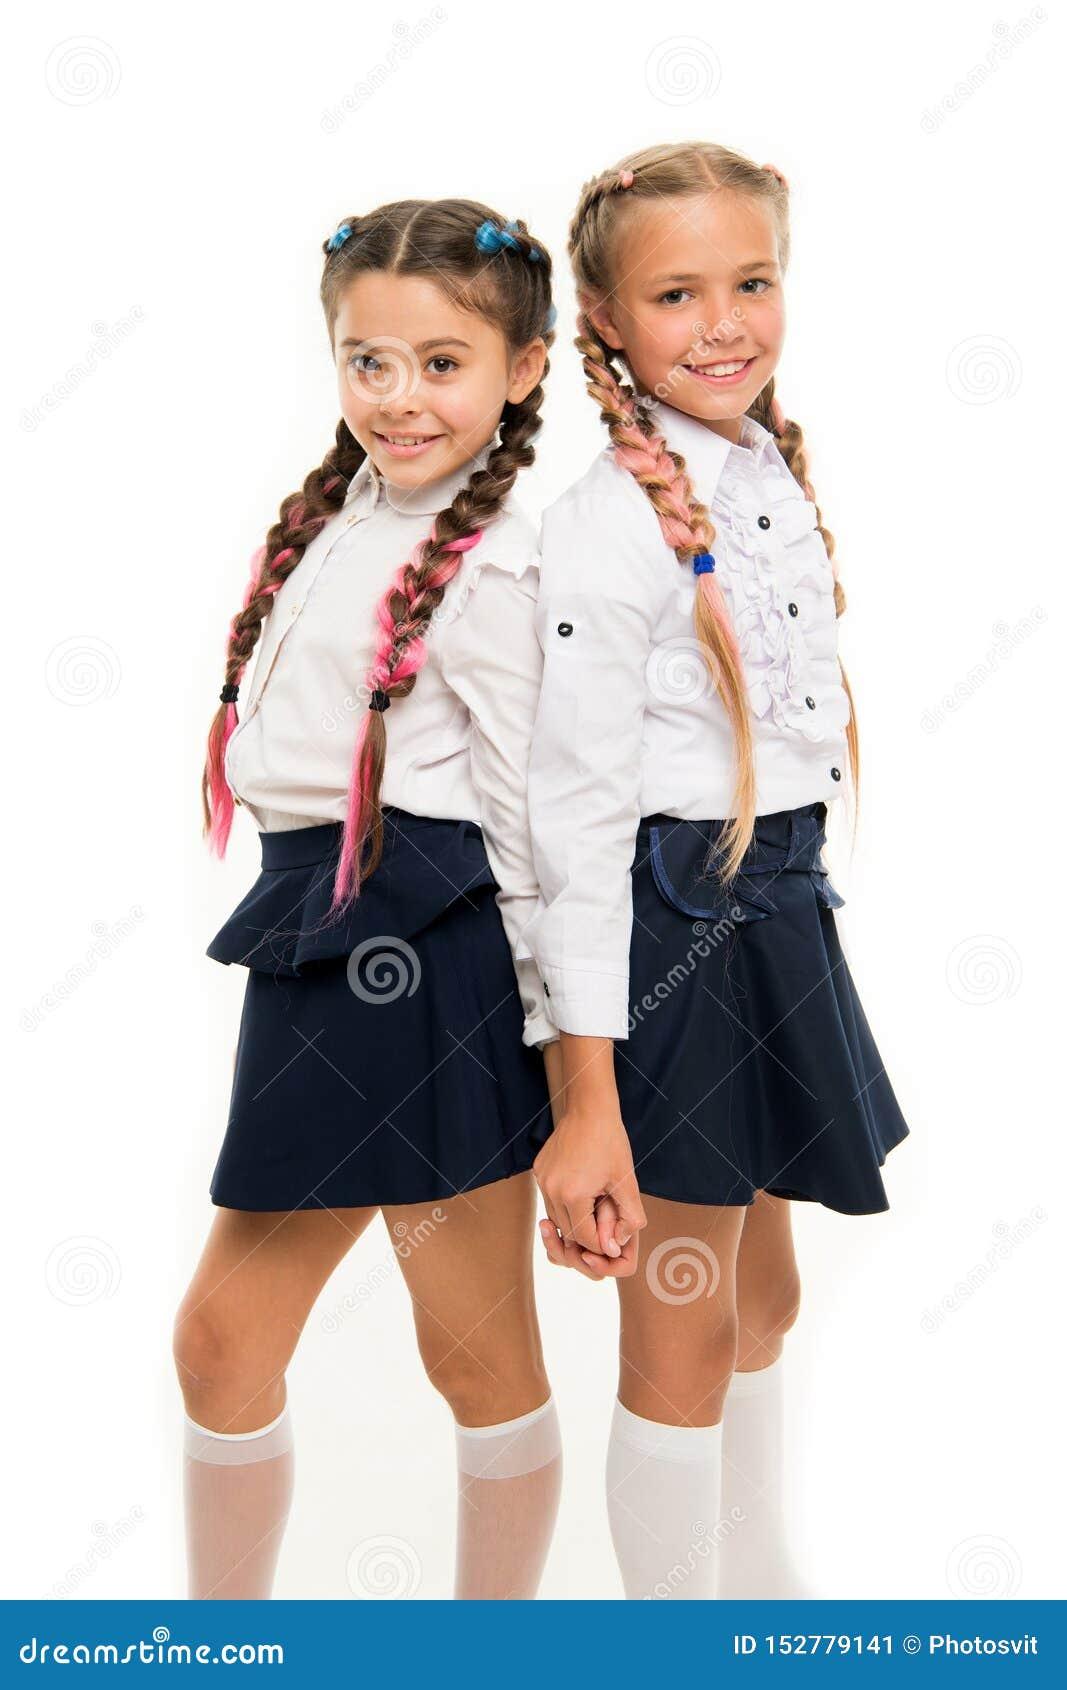 适当的发型 女孩长的辫子 m 这是令人敬畏的染料头发乐趣颜色 保持头发编辫子为整洁